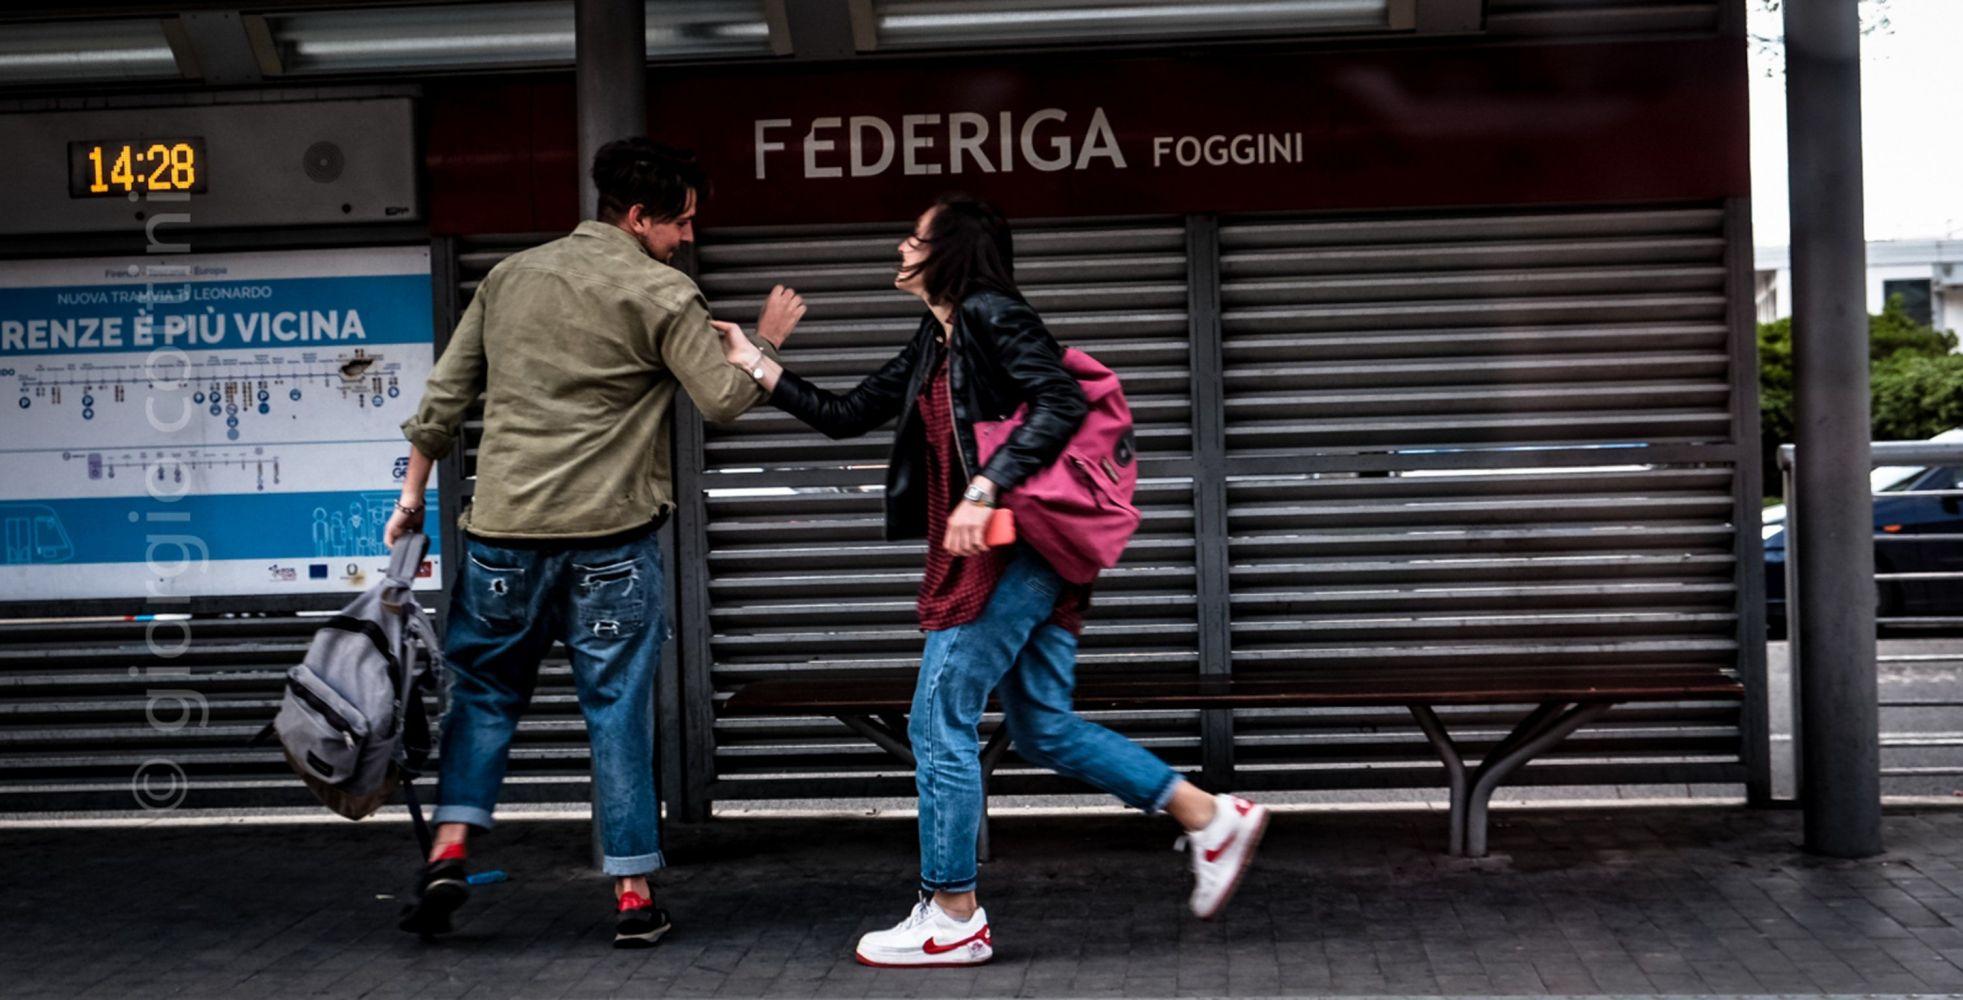 56-Giorgio Cottini--voglia di libertà--